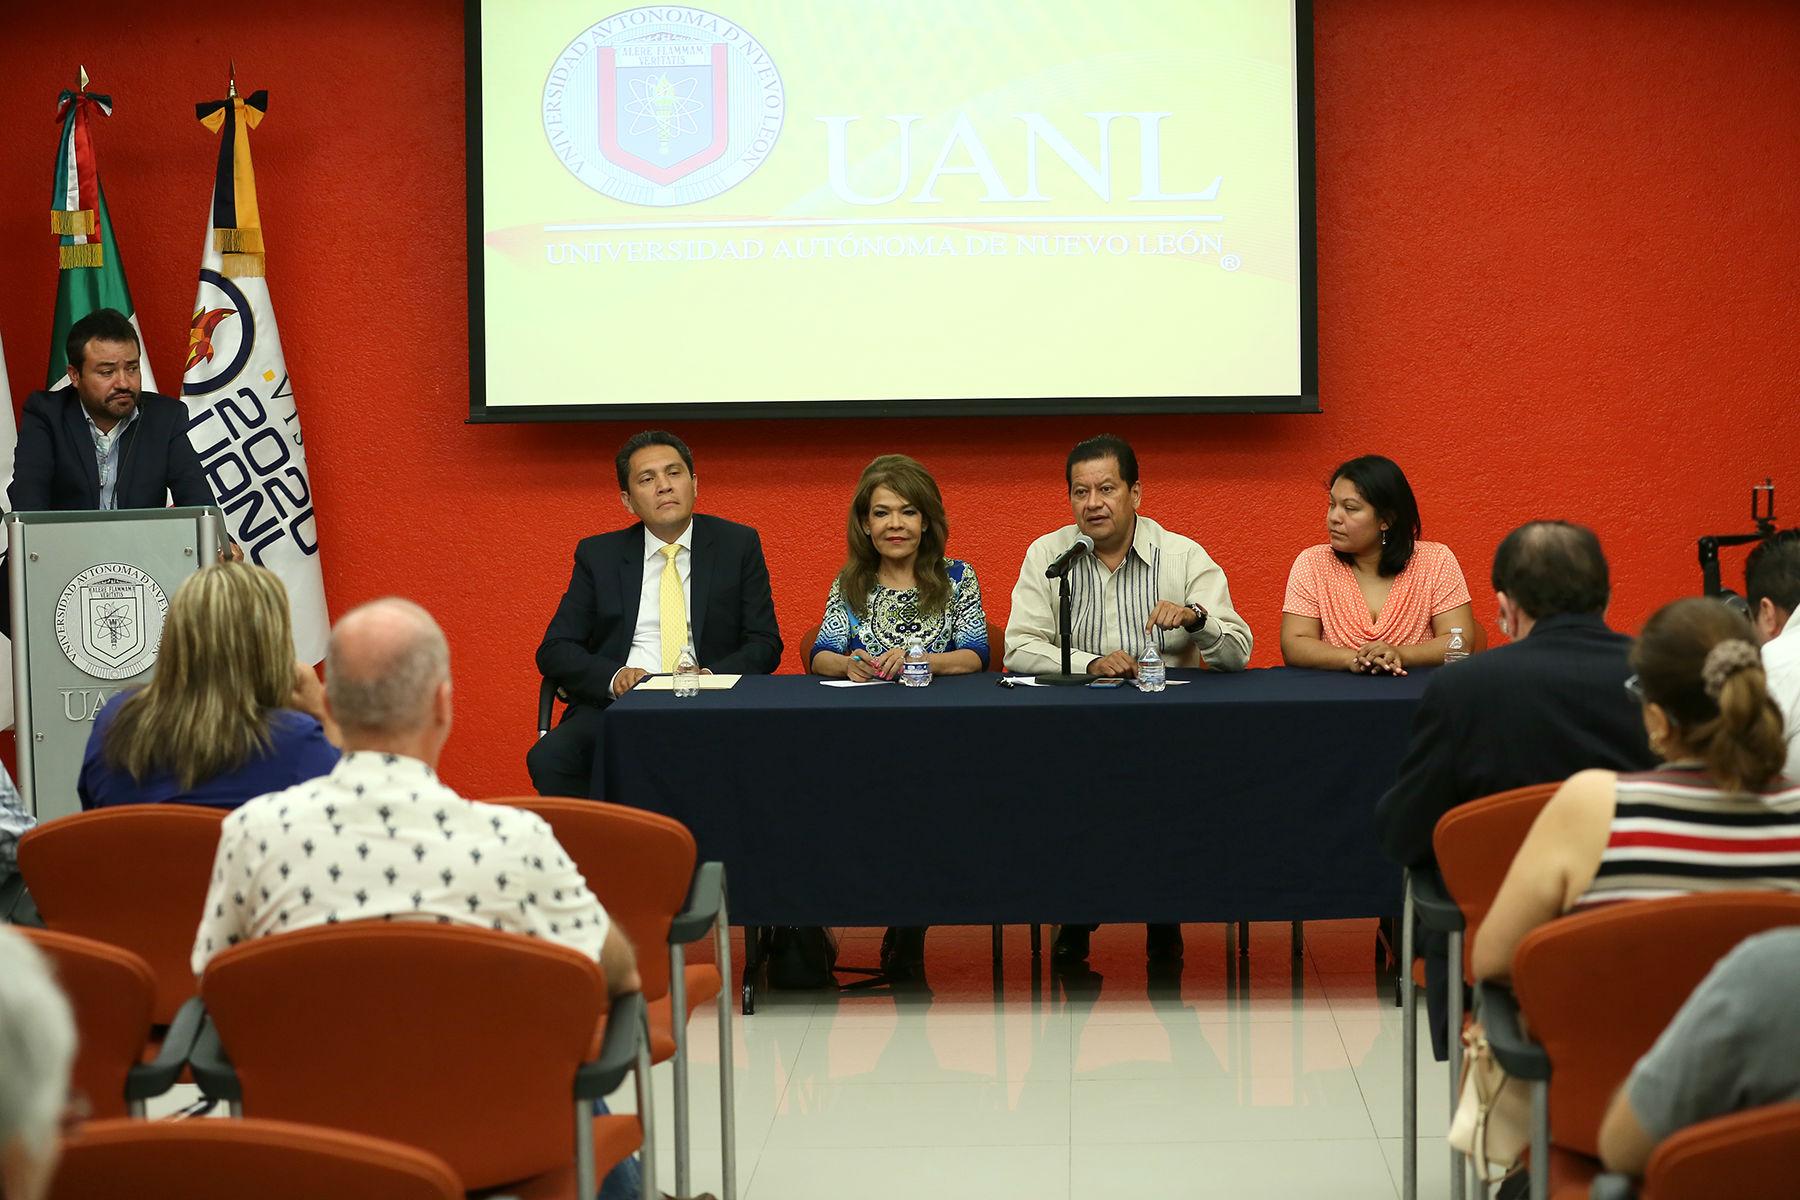 El diálogo se llevó a cabo en la Sala de Usos Múltiples de la Biblioteca Universitaria Raúl Rangel Frñias